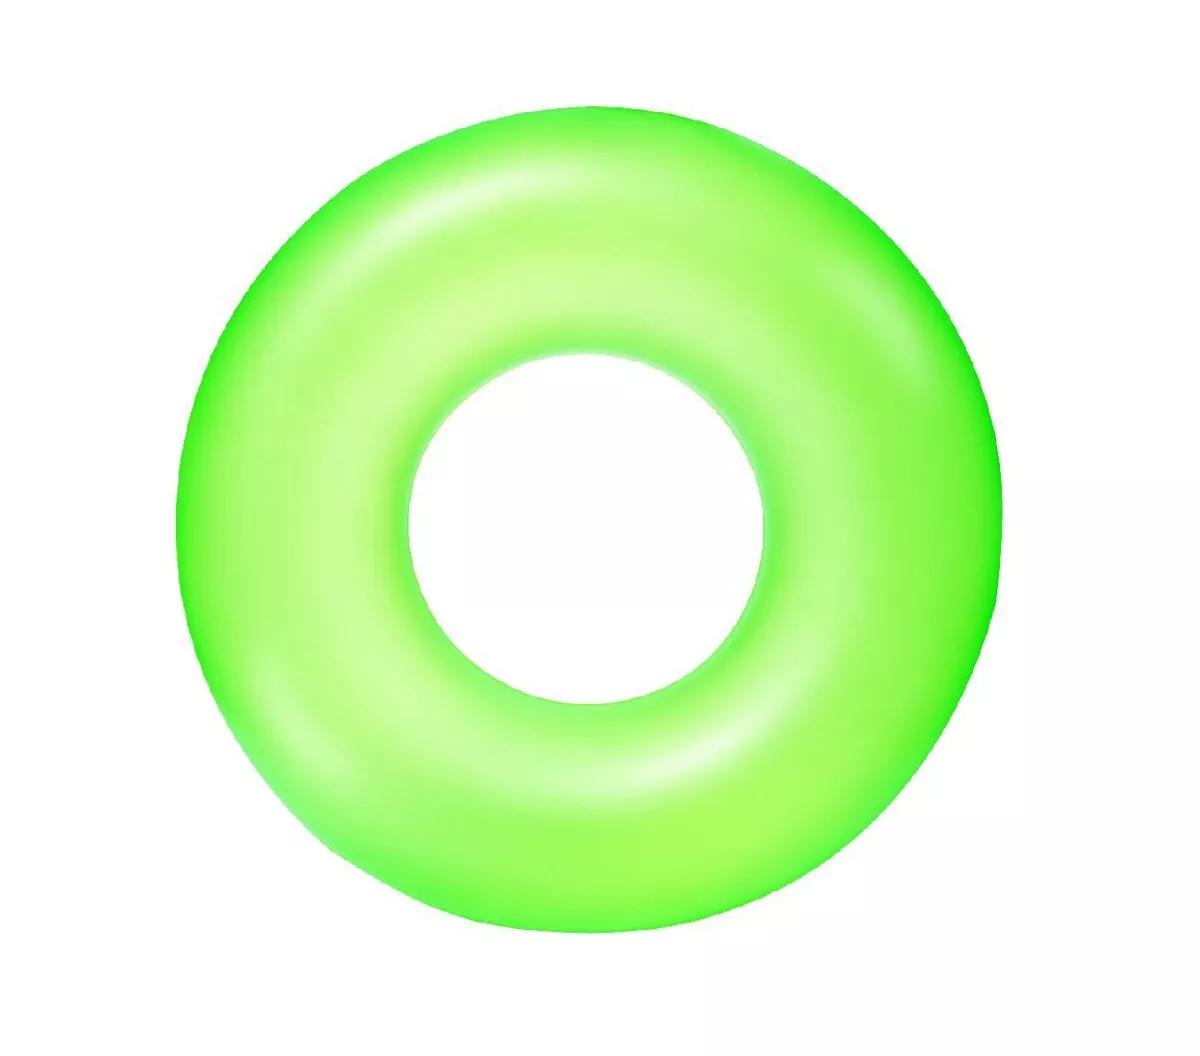 Boia Neon 91cm - Intex 5926